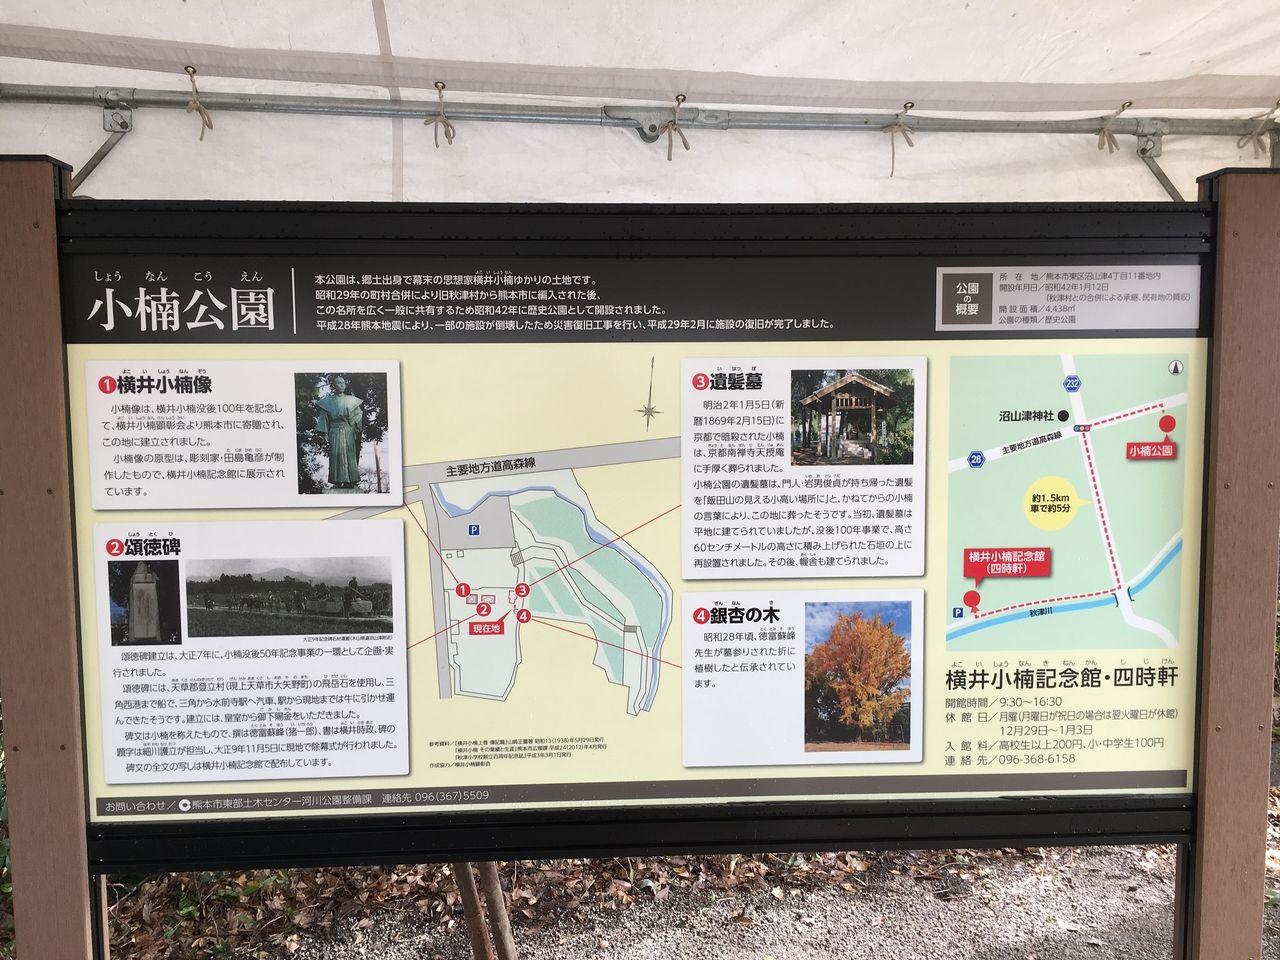 小楠公園に新たに設けられた案内板